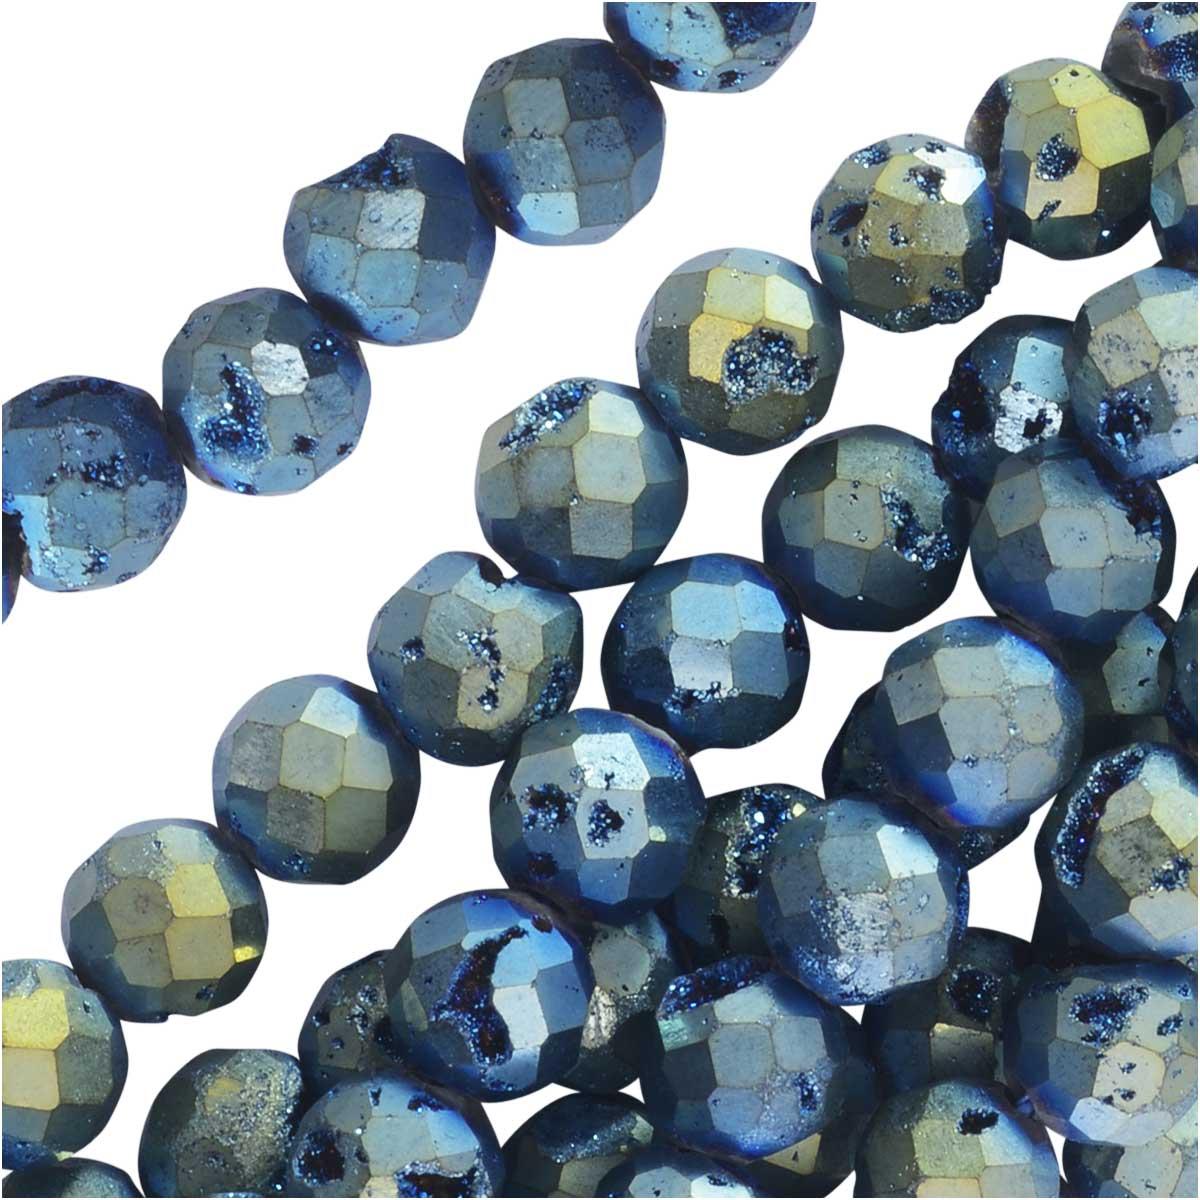 Dakota Stones Gemstone Beads, Agate Geode Druzy,Faceted Round 6mm, 8 Inch Str, Iridescent Blue Green